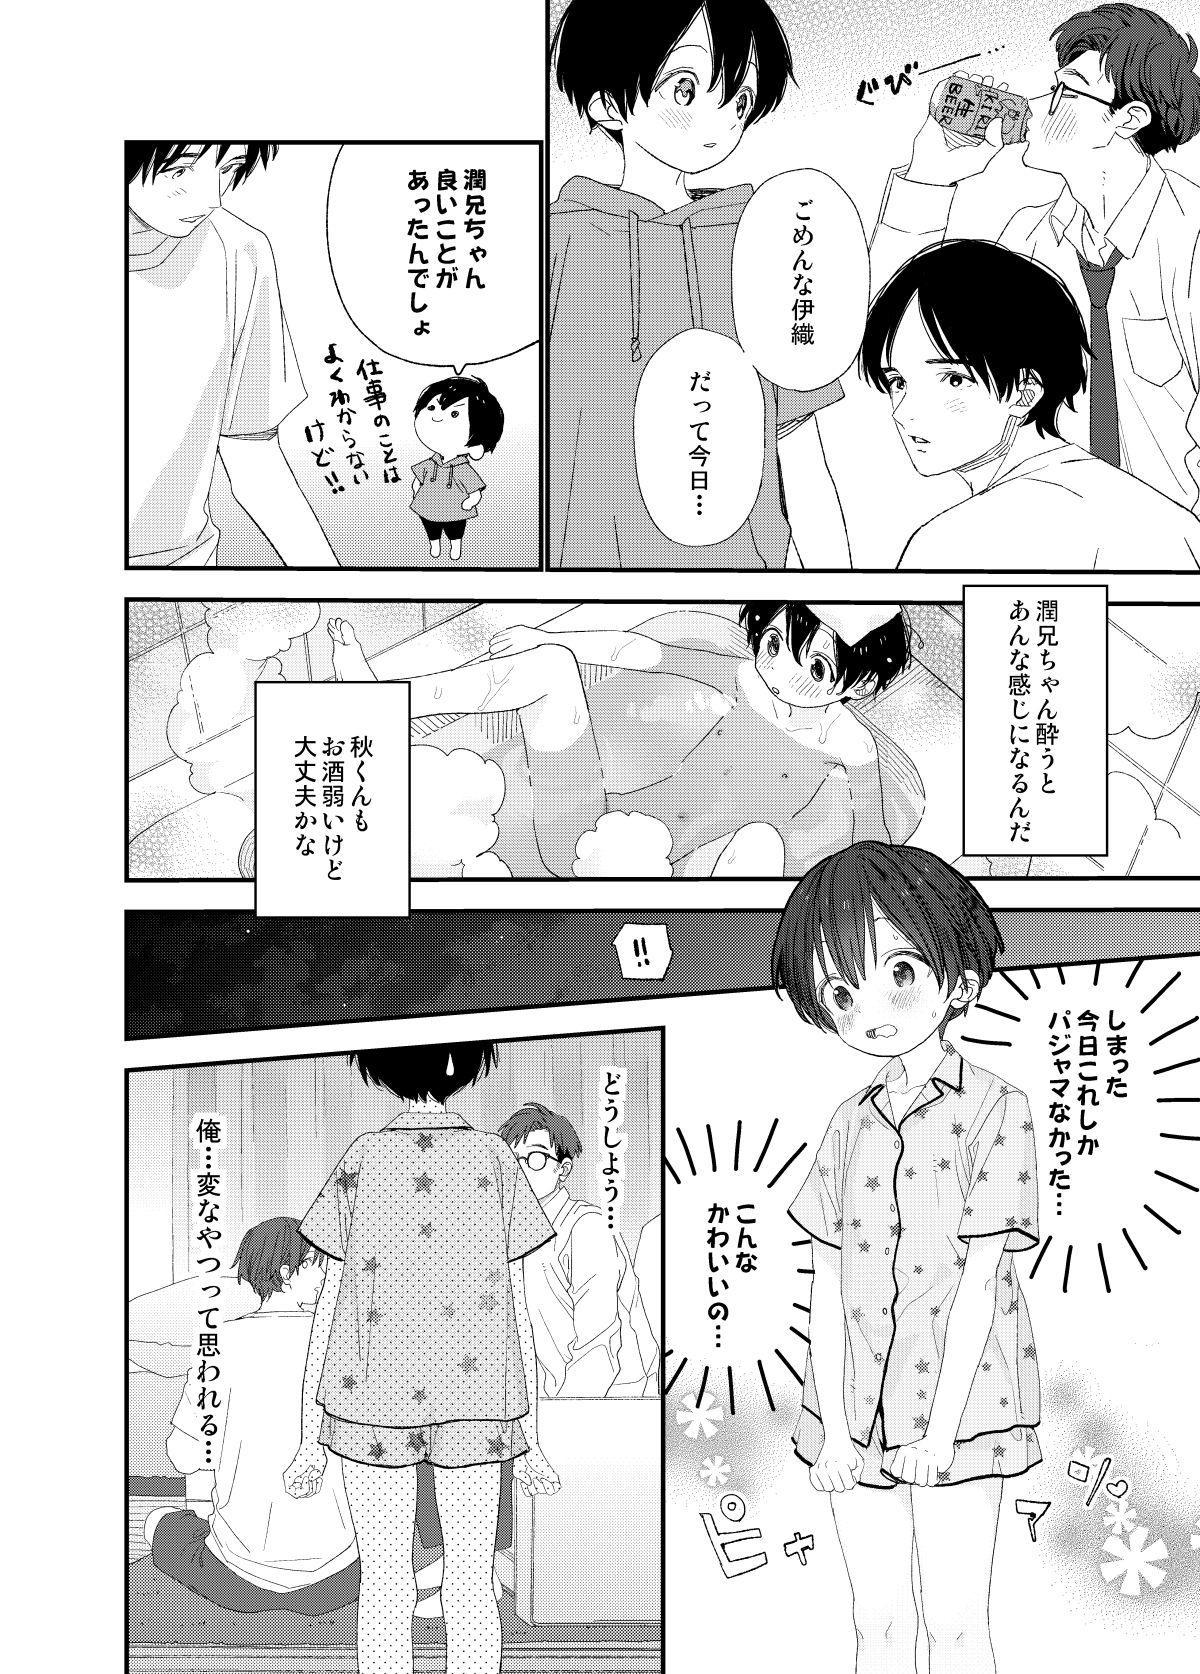 Hayaku Otona Ni Naritai 15